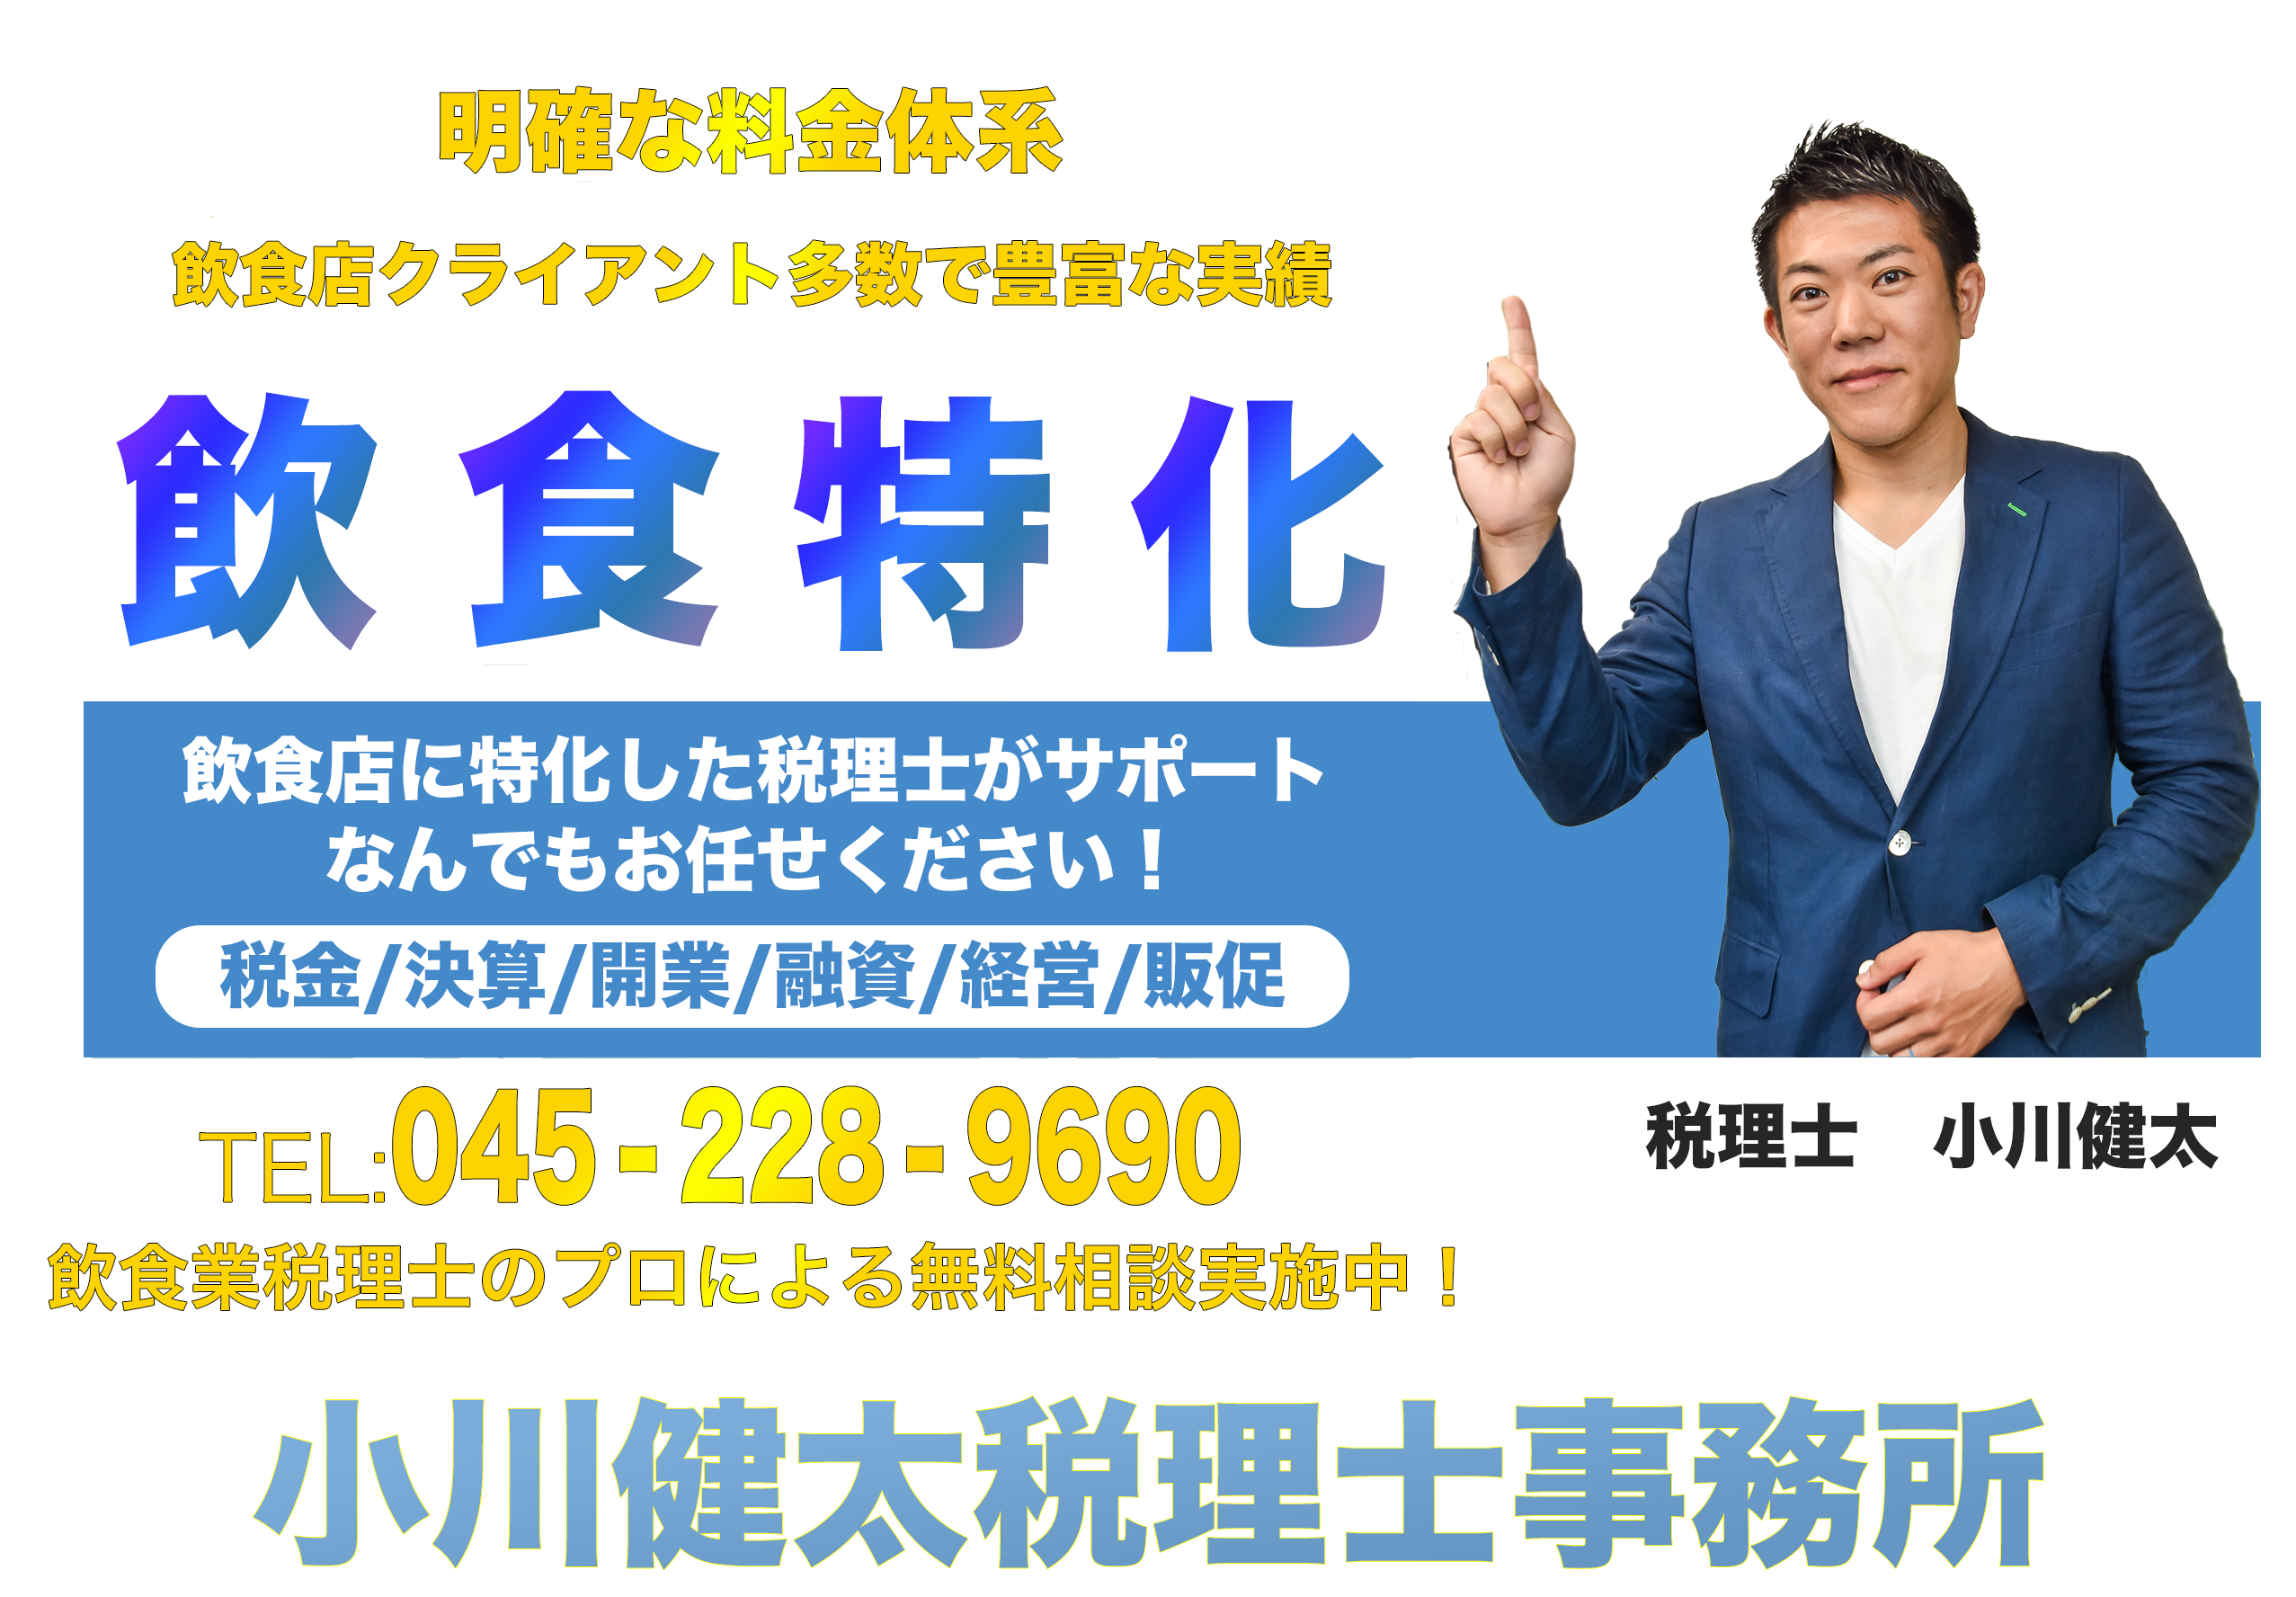 top02 1 - 小川健太税理士事務所LP